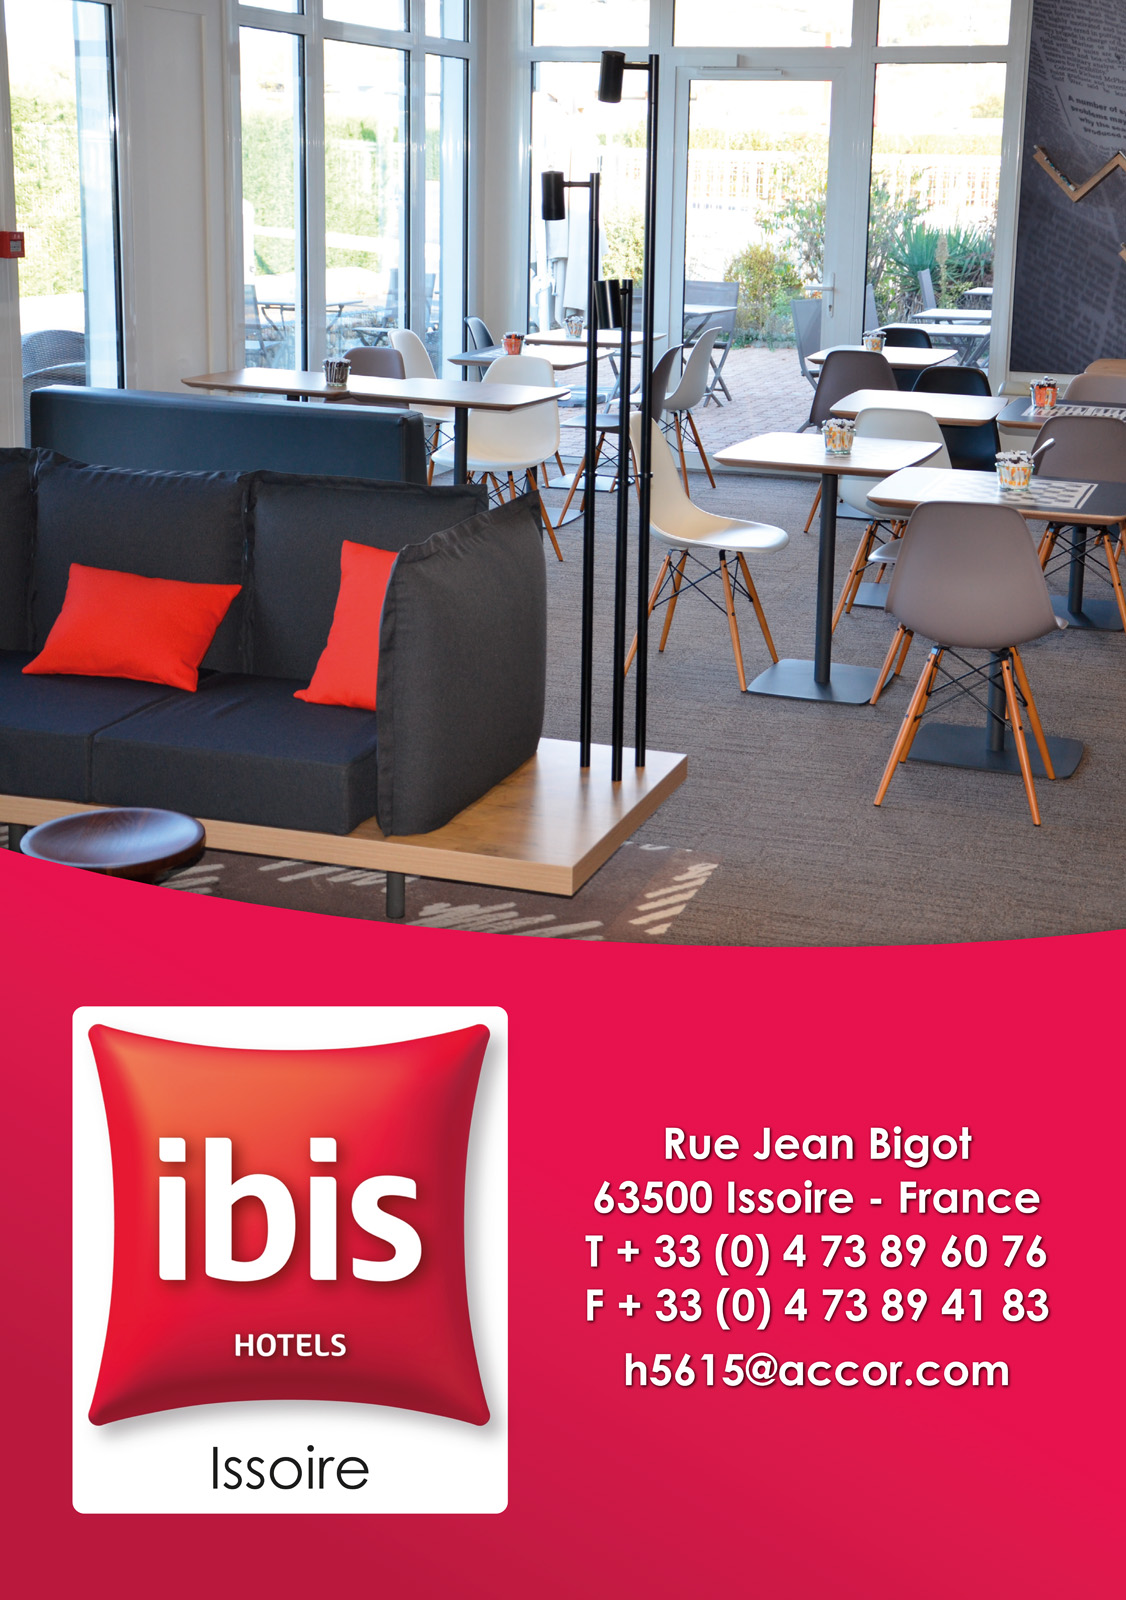 logo Ibis Hotels